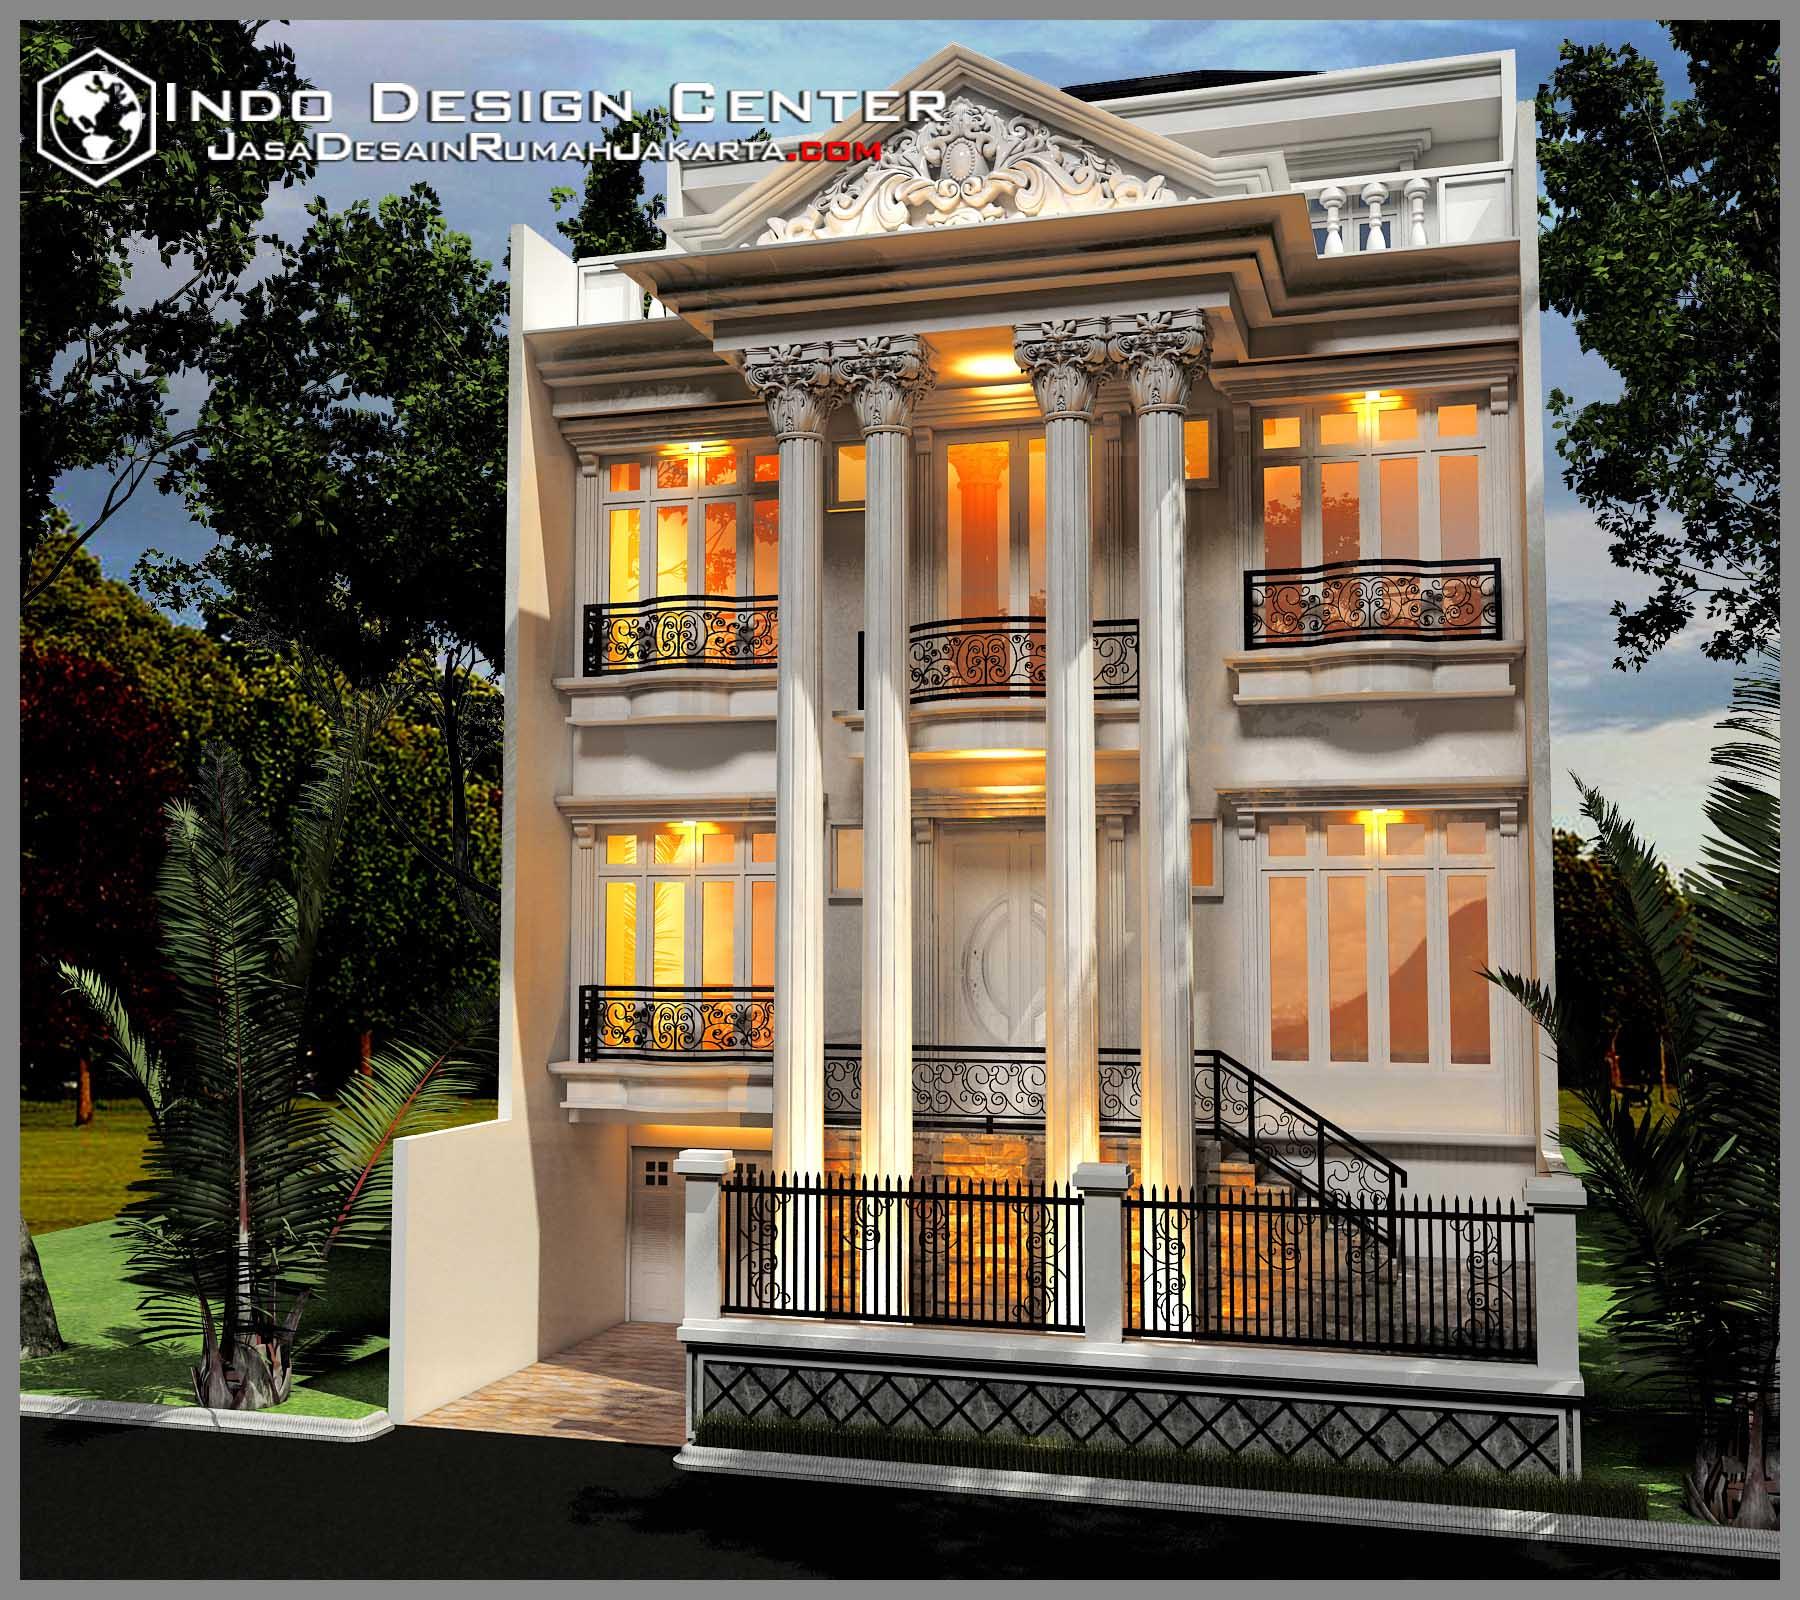 Desain Perumahan: Gambar Rumah Mewah Mediterania, Jasa Desain Rumah Jakarta